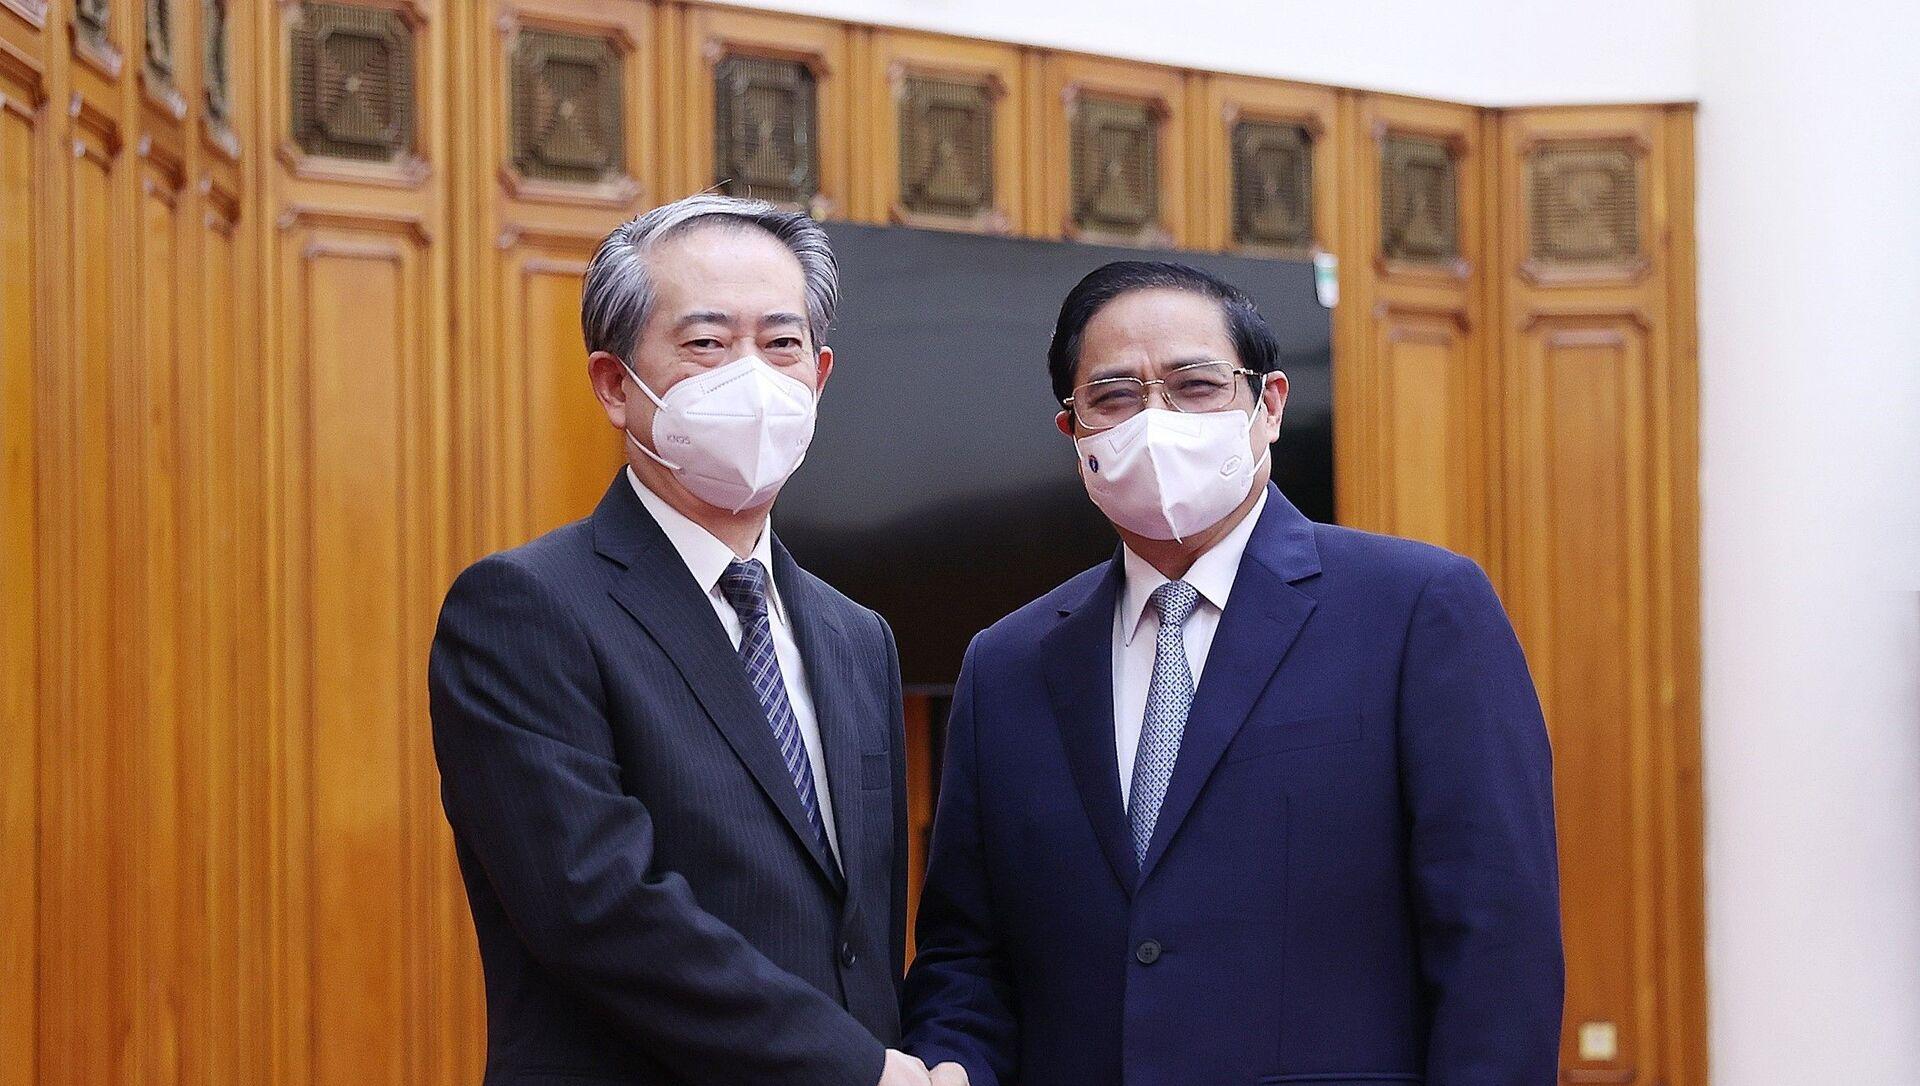 Thủ tướng Phạm Minh Chính với Đại sứ Hùng Ba tại buổi tiếp. - Sputnik Việt Nam, 1920, 24.08.2021